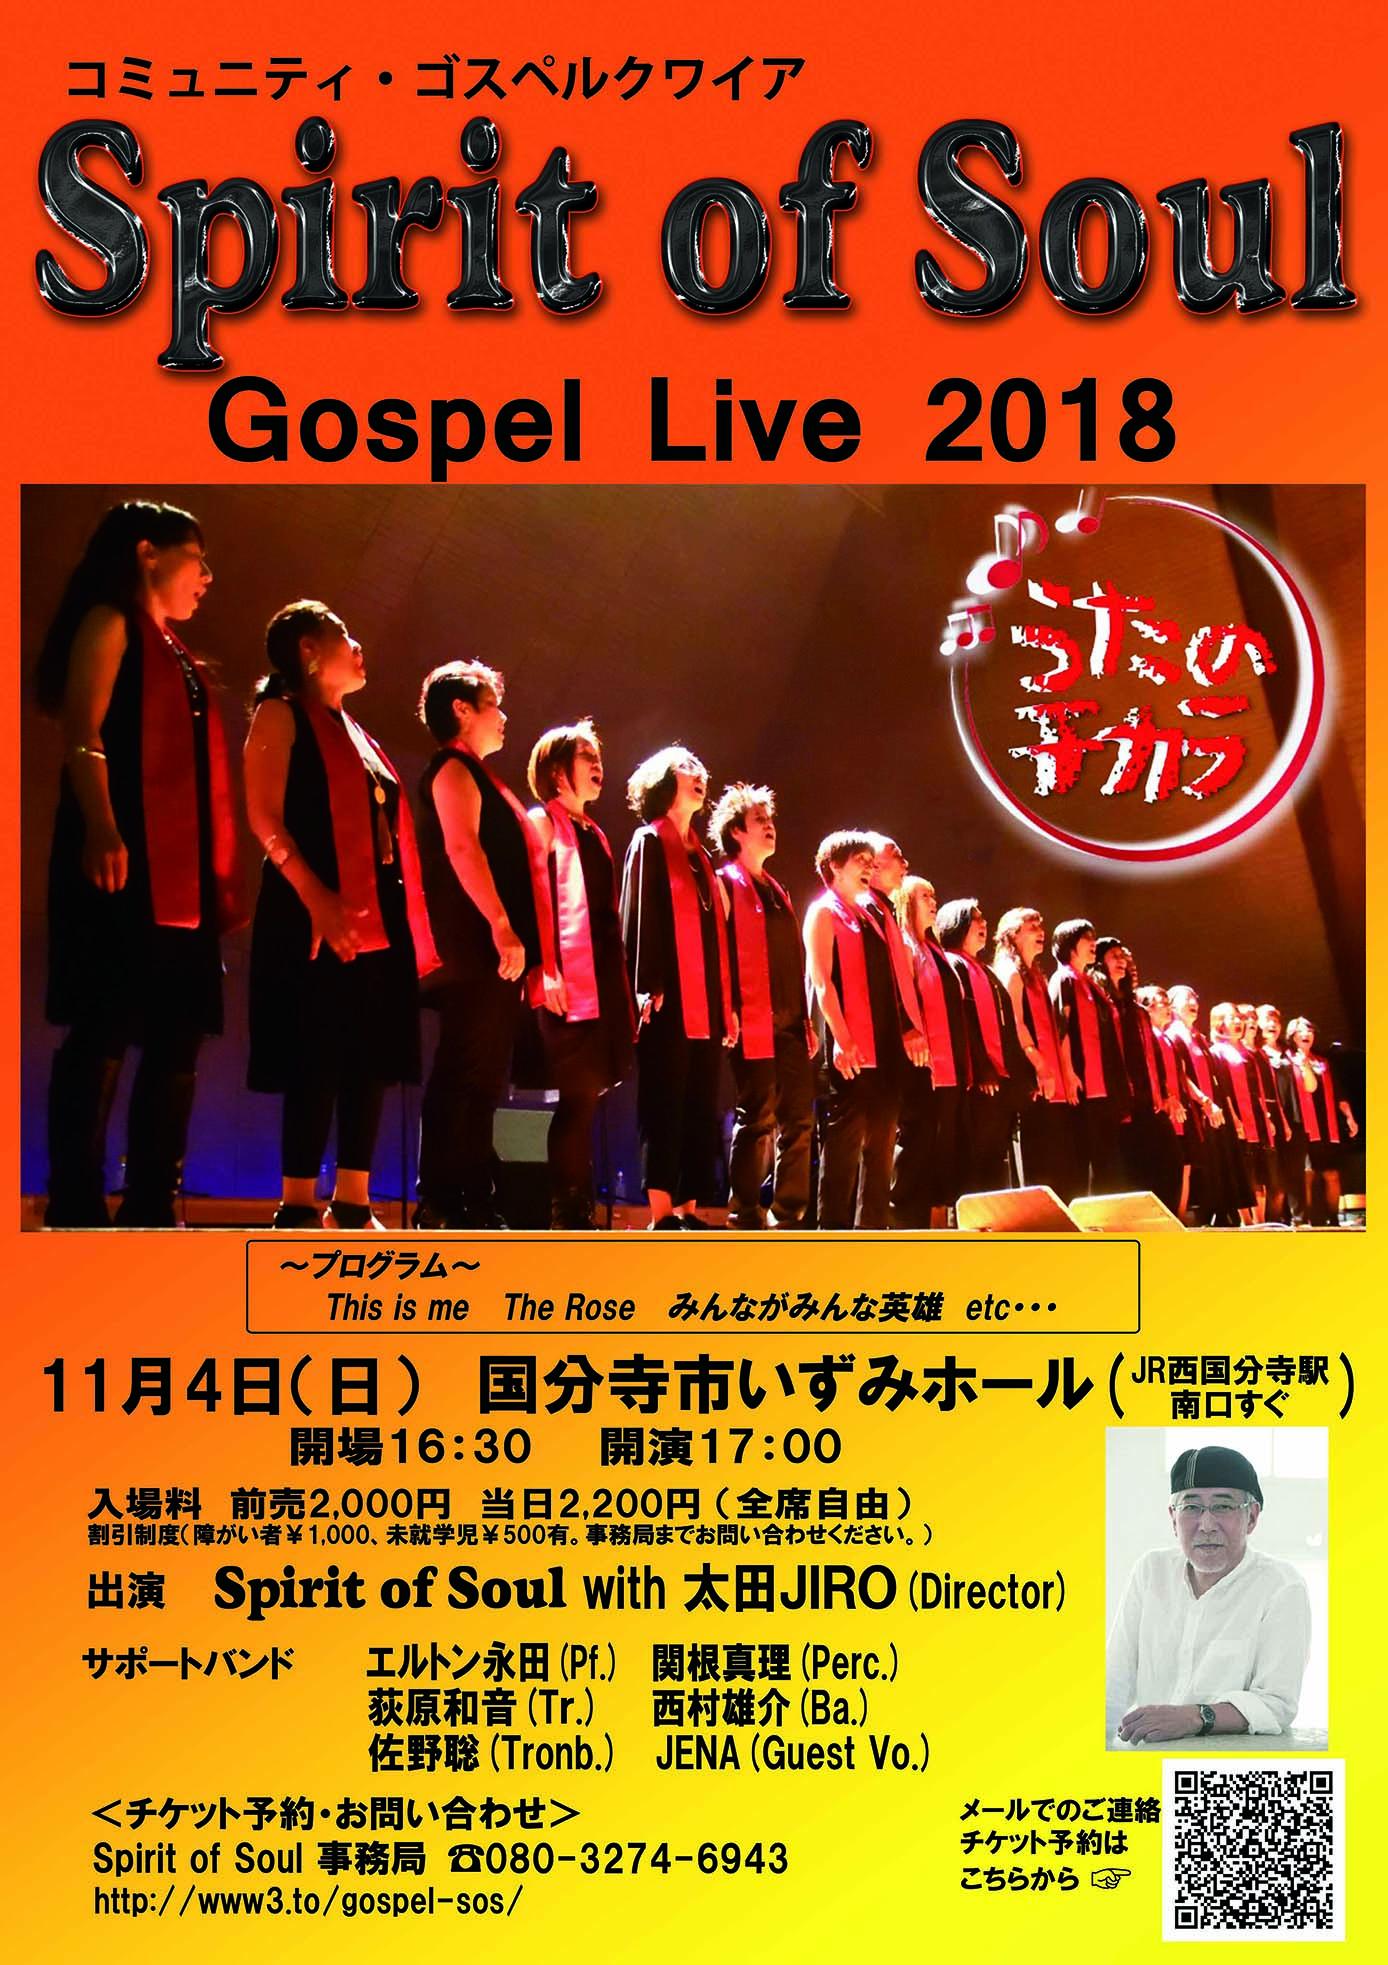 2018年11月4日(日) コミュニティ・ゴスペルクワイア Spirit of Soul Gospel Live 2018